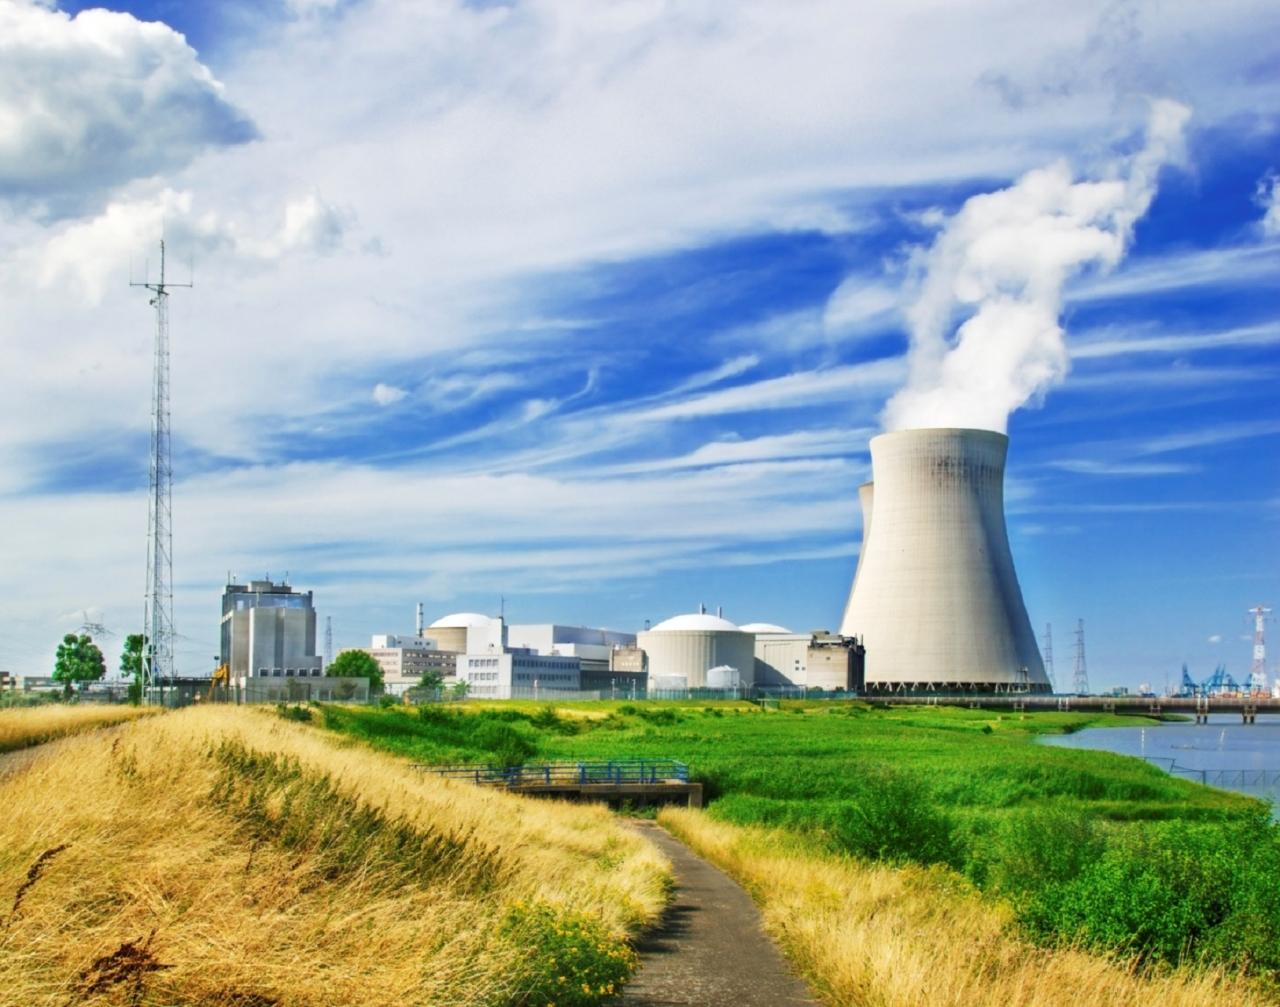 Jedrska energija bi Nemčiji in Kaliforniji prinesla popolno dekarbonizacijo proizvodnje električne energije